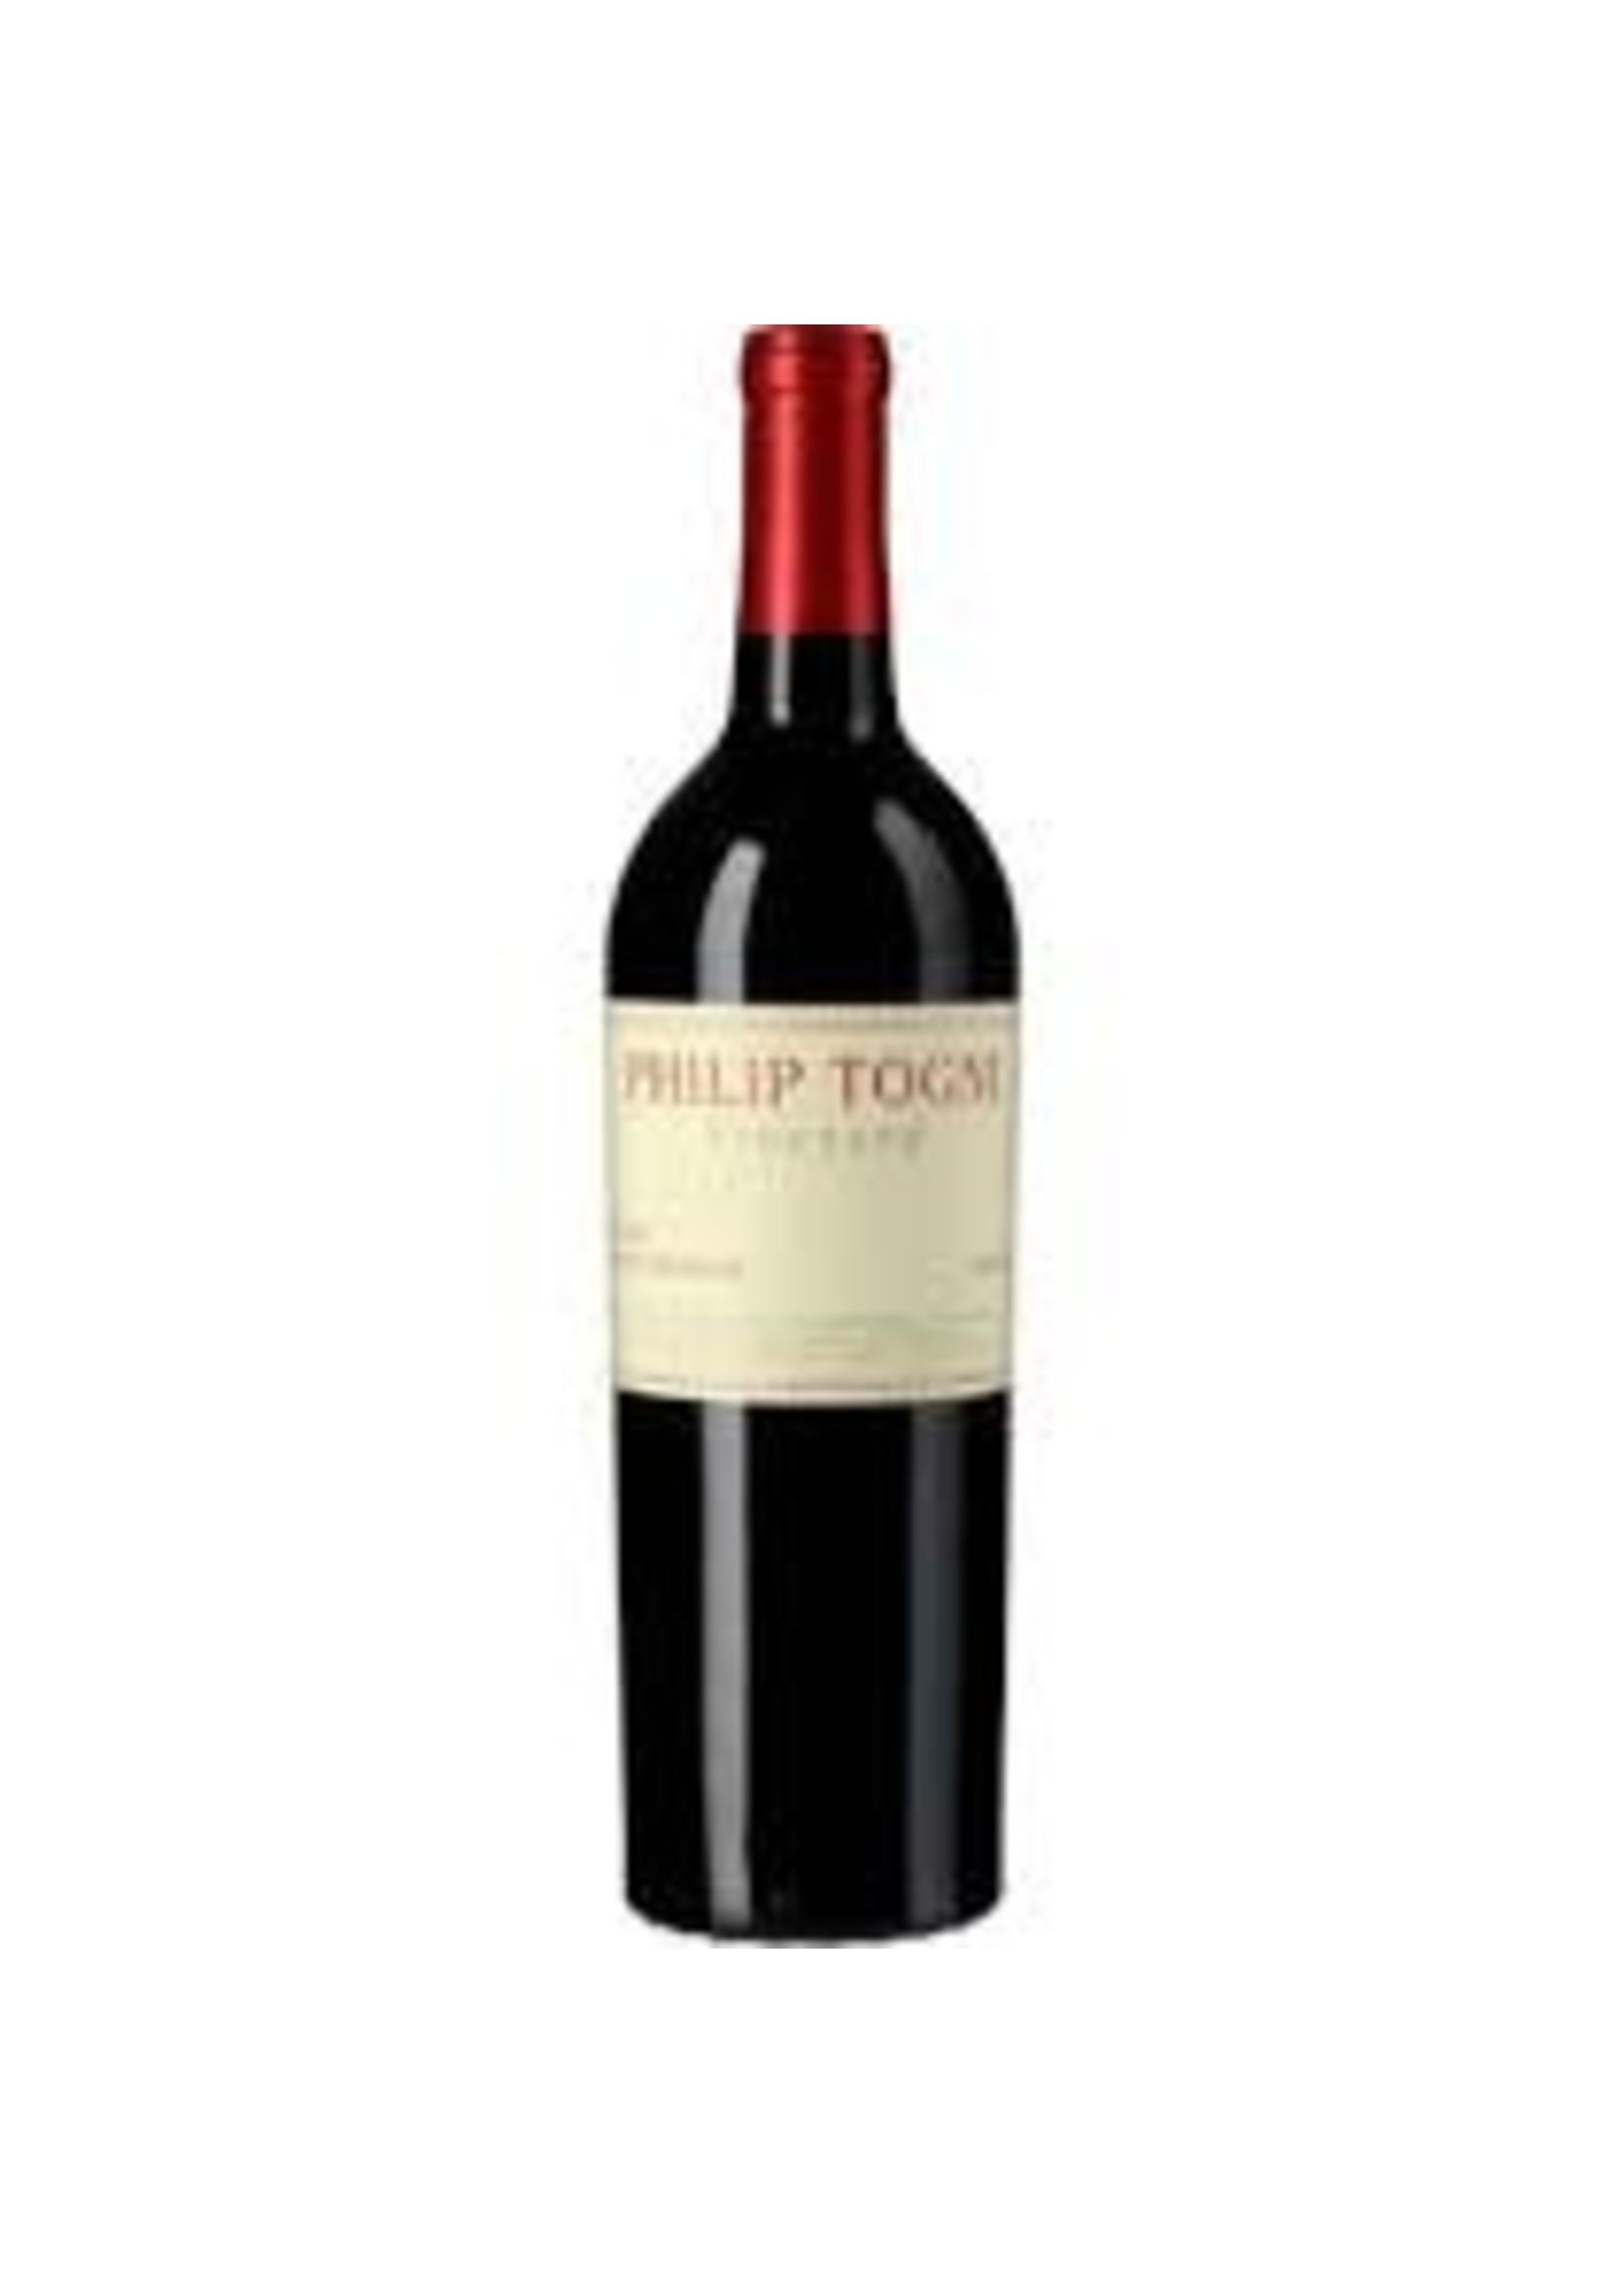 Philip Togni 2017 Cabernet Sauvignon Napa 750ml